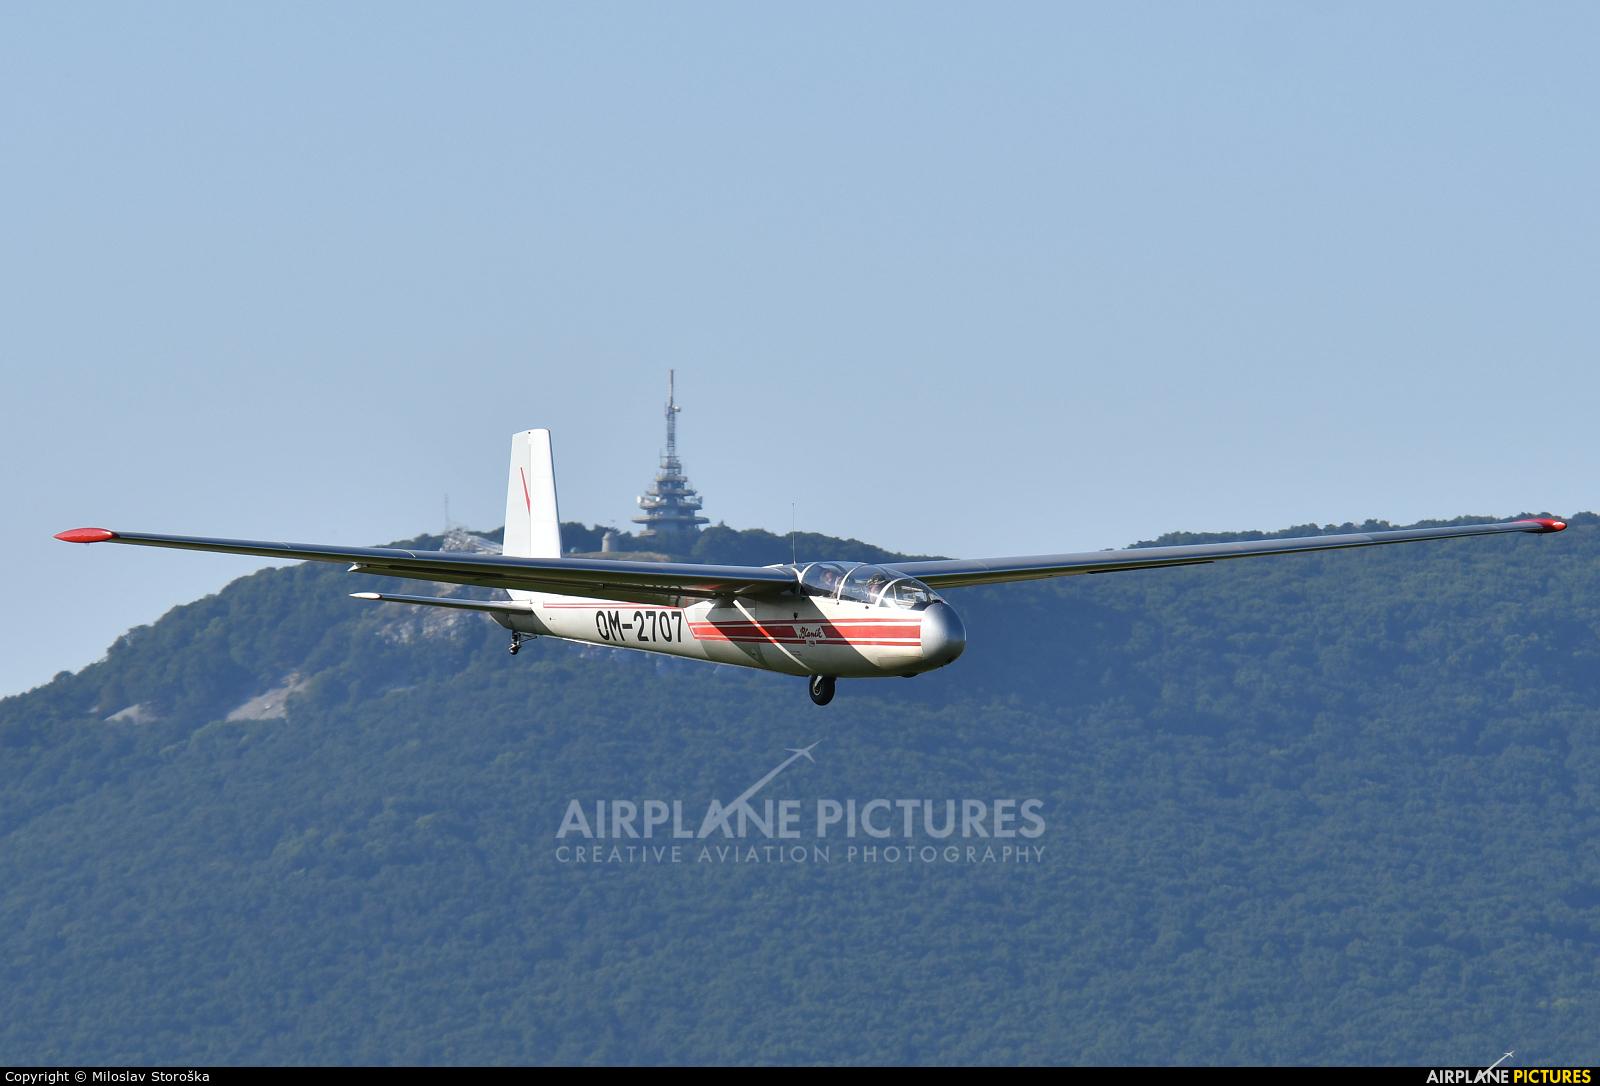 Aeroklub Nitra OM-2707 aircraft at Nitra